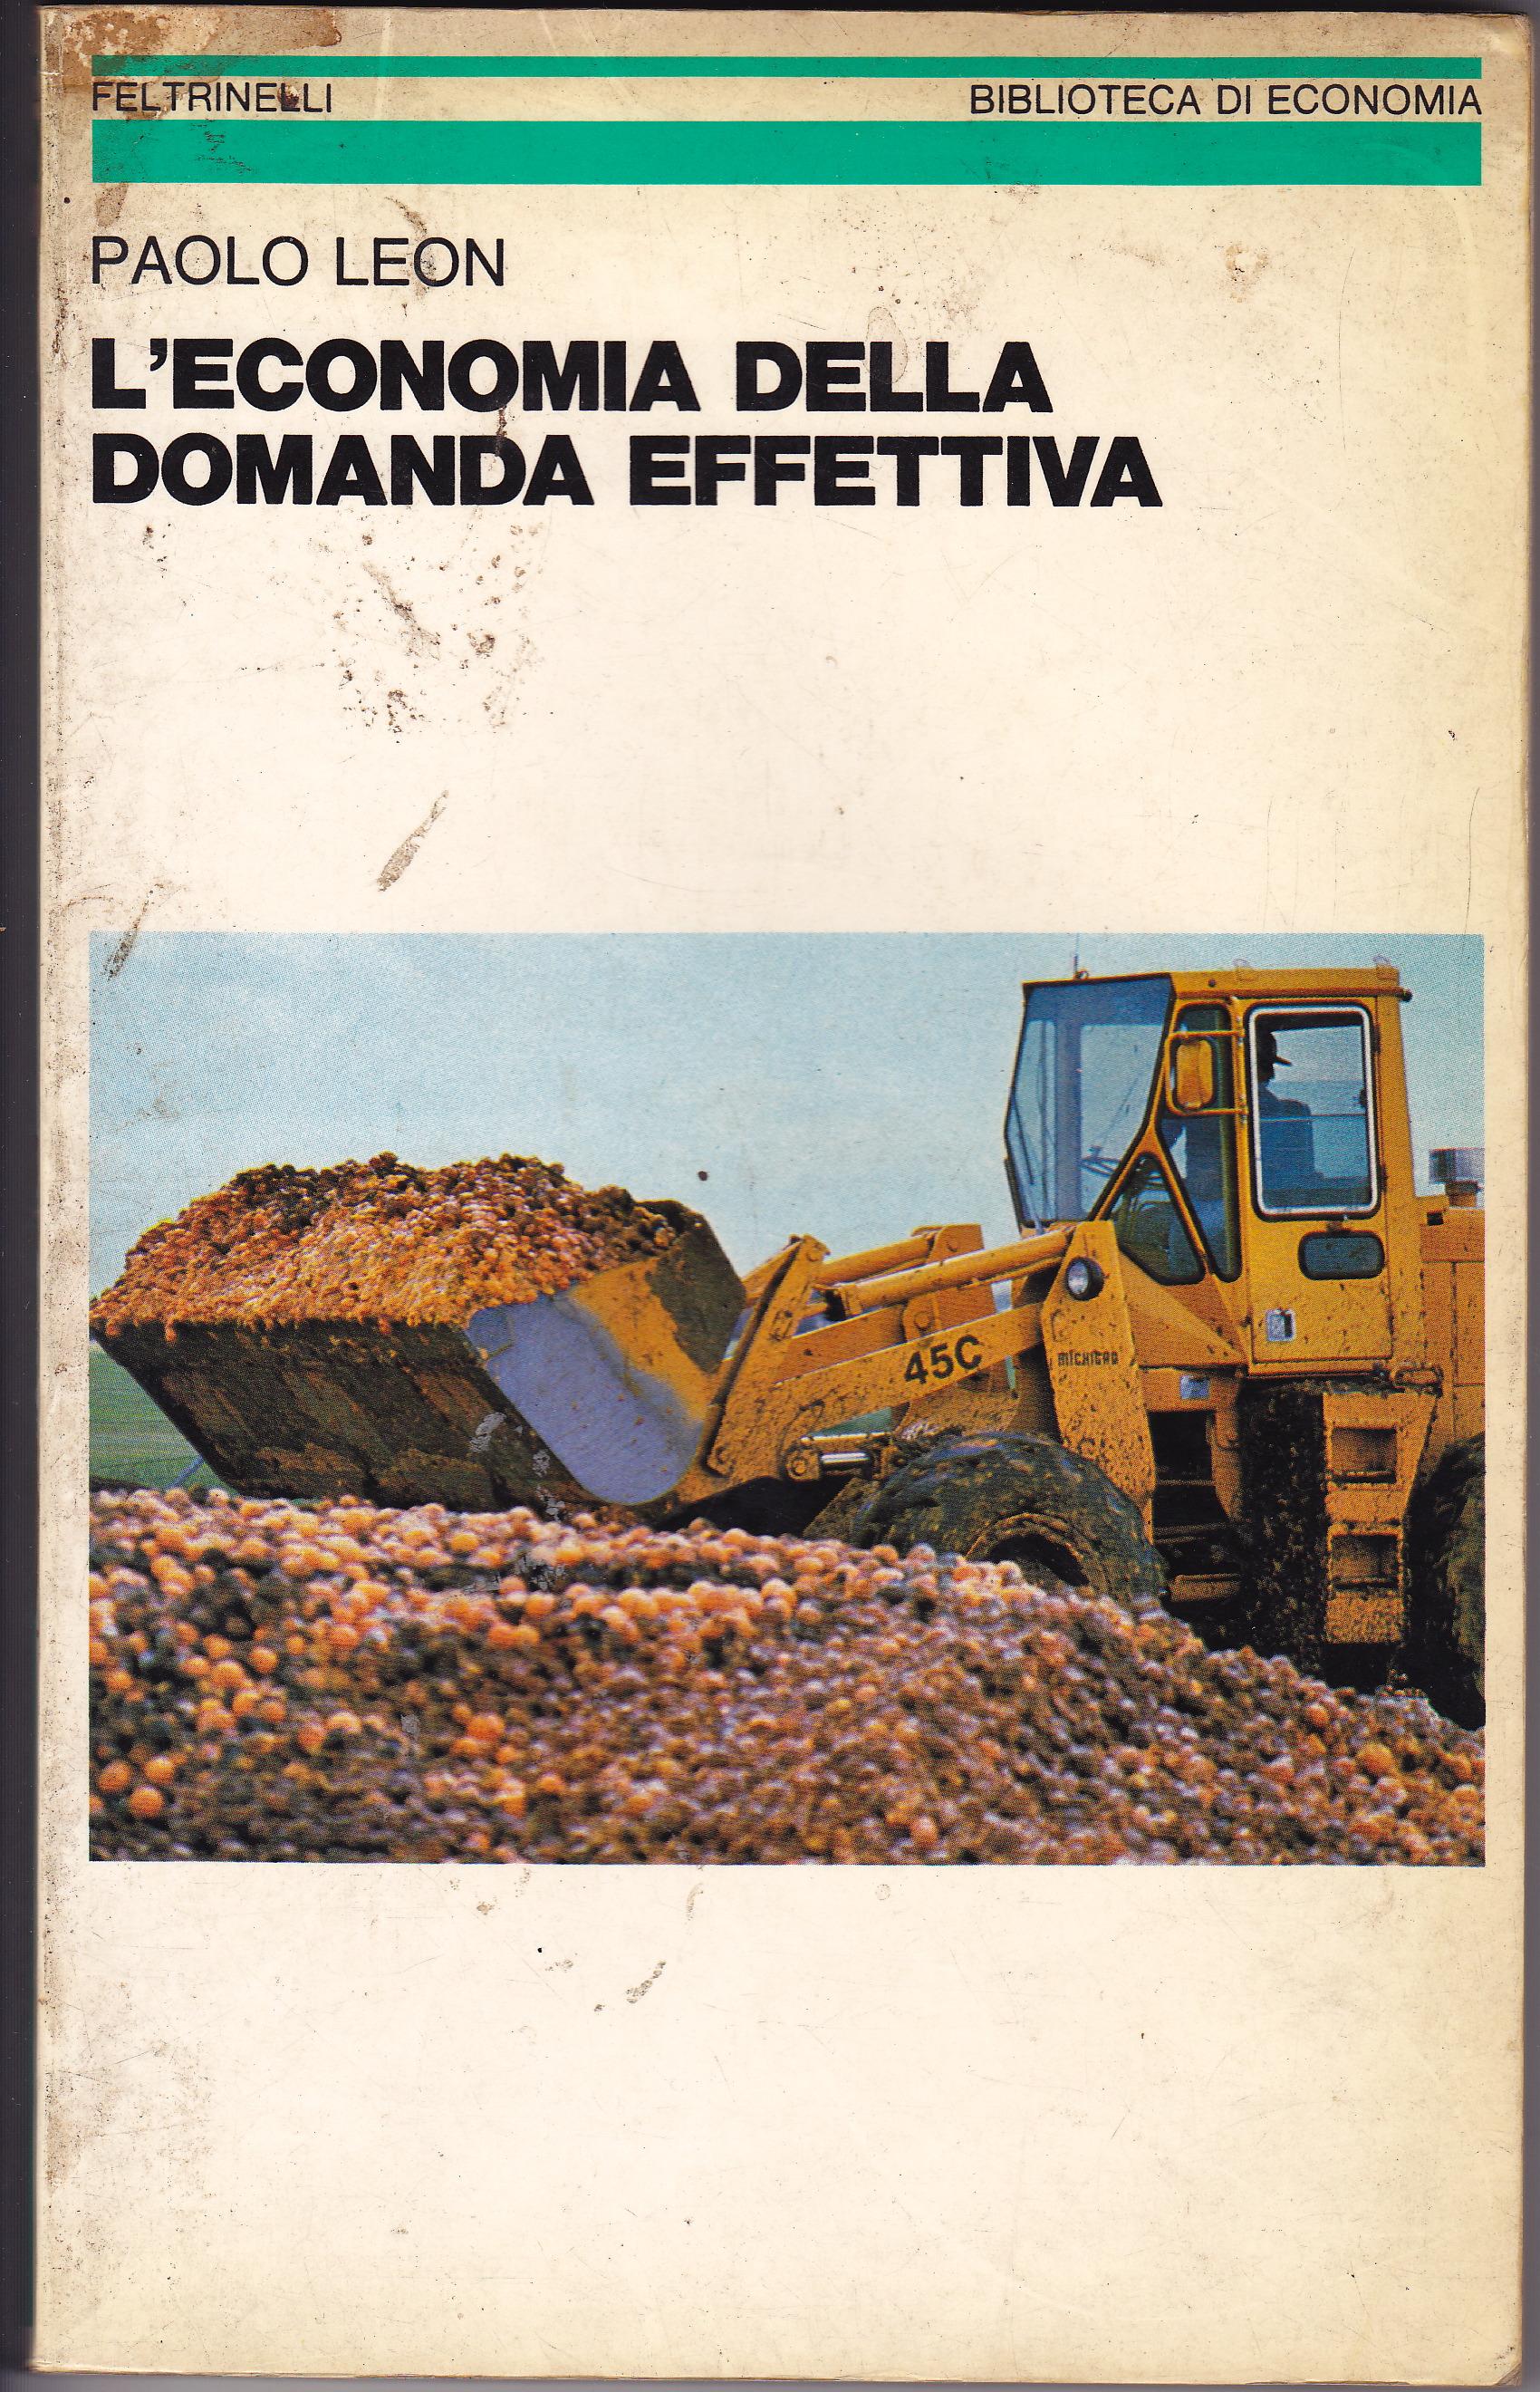 L'economia della domanda effettiva